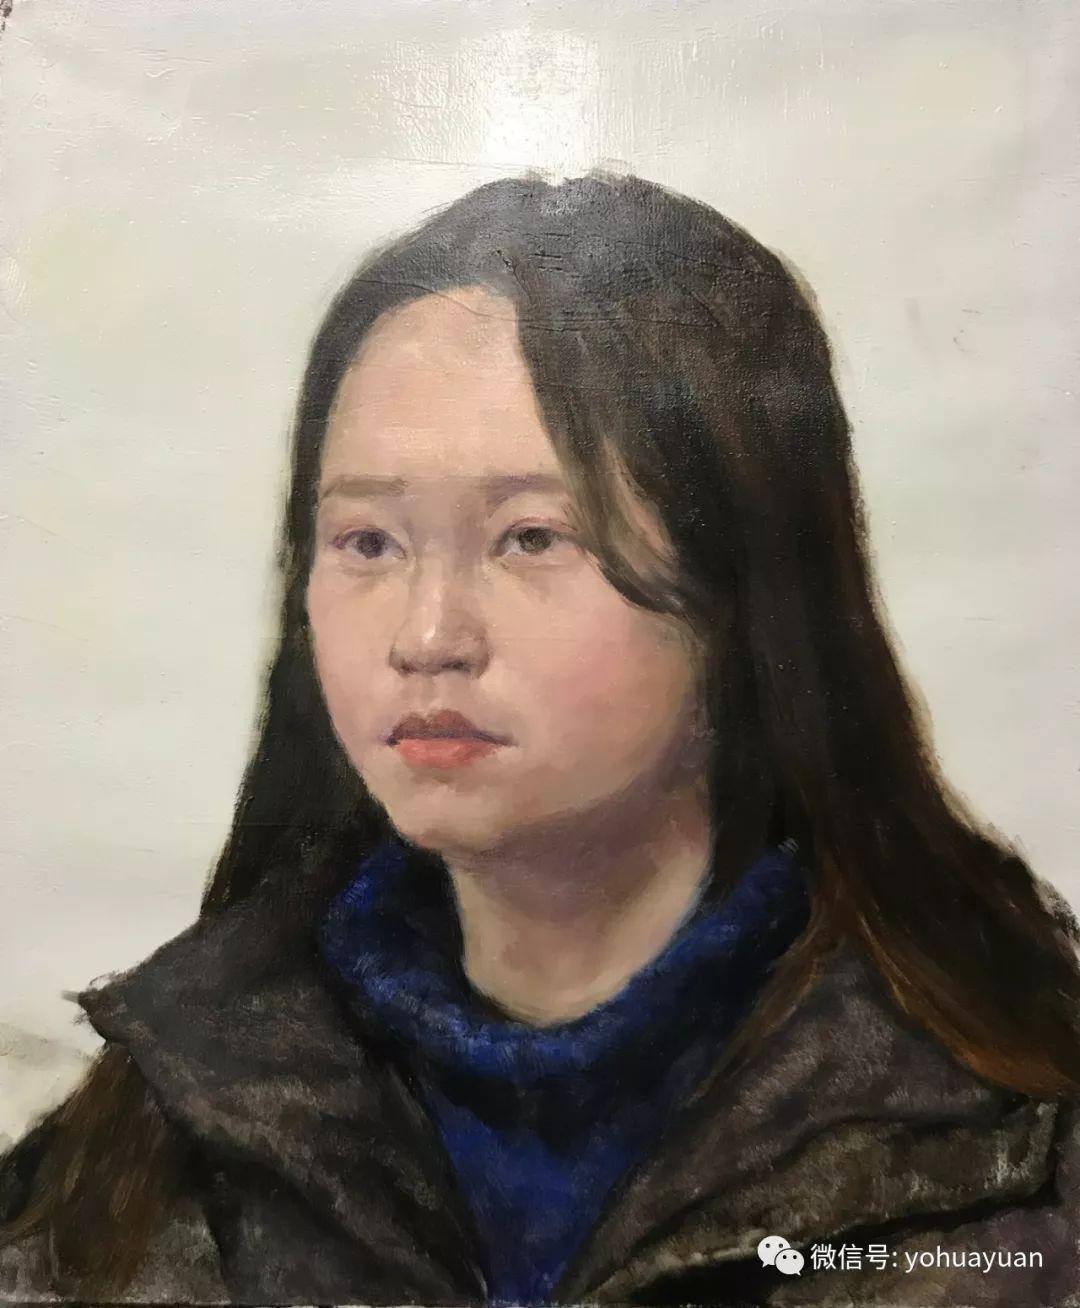 油画作品拍卖(内蒙古草原写生) 第73张 油画作品拍卖(内蒙古草原写生) 蒙古画廊